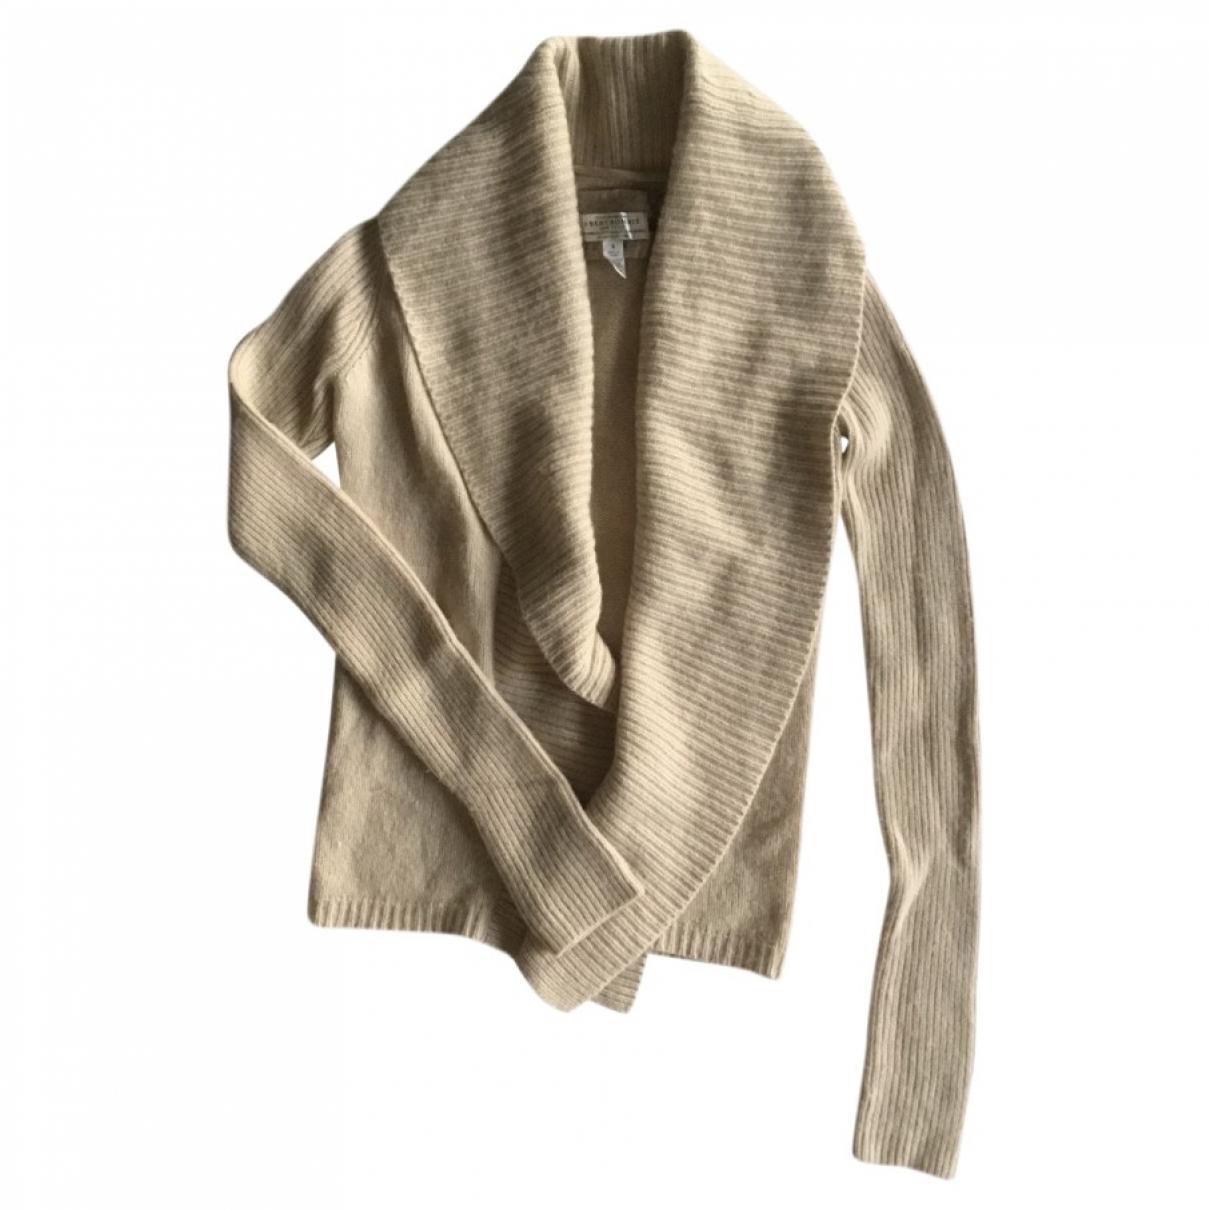 Abercrombie & Fitch \N Beige Wool Knitwear for Women S International